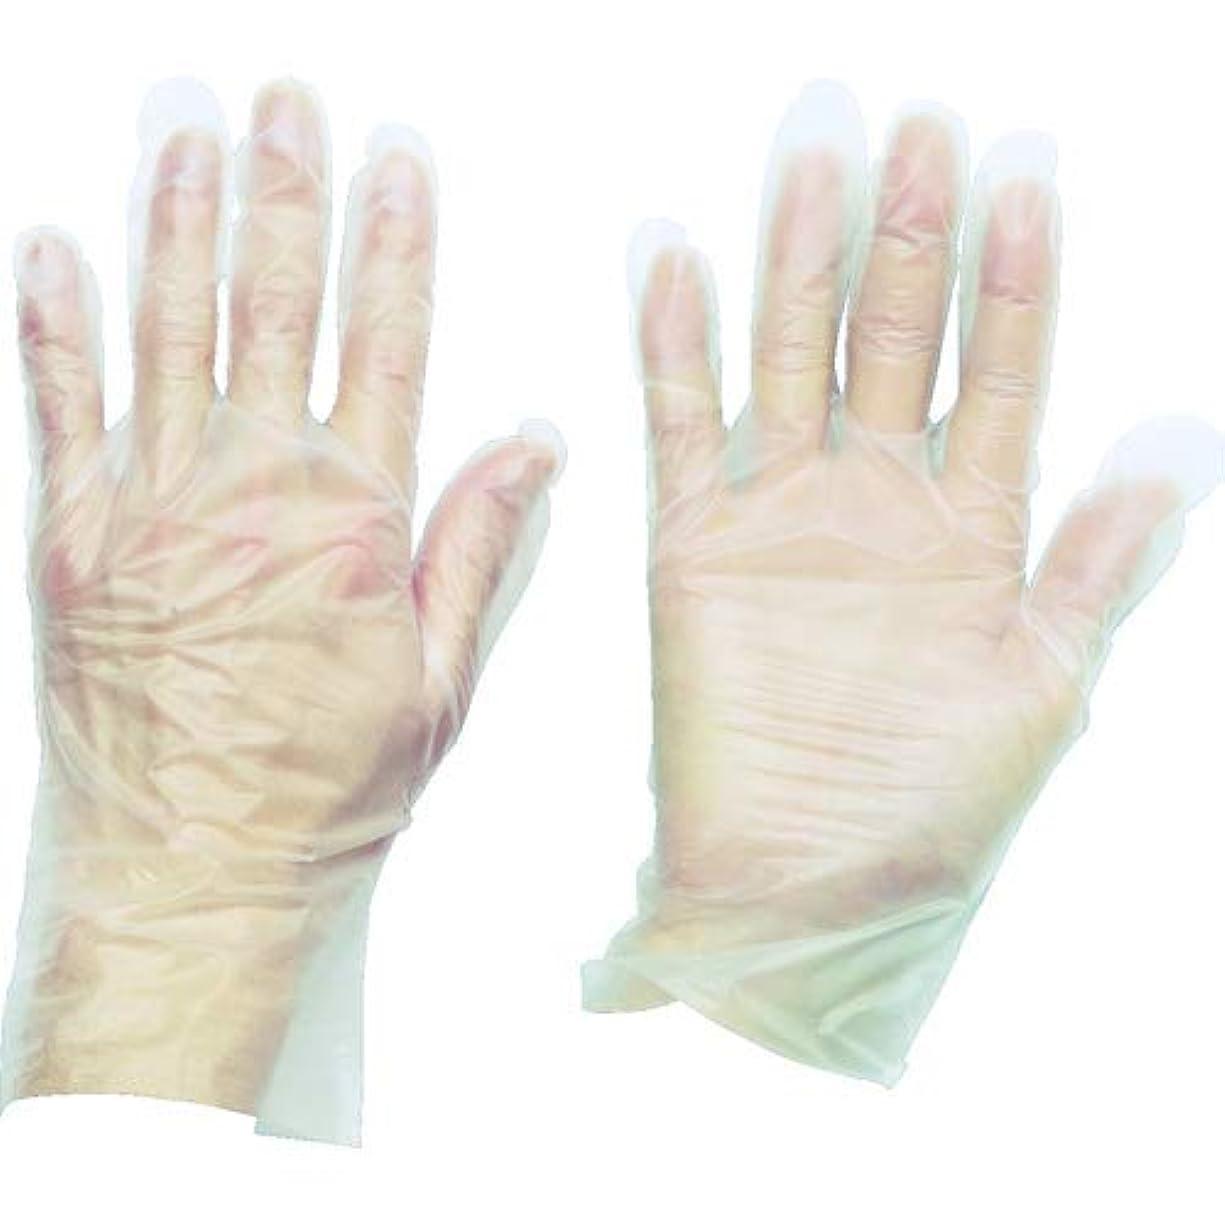 領域先にルビートラスコ中山 株 TRUSCO ポリエチレン 使い捨て手袋 ウェーブカットタイプS 100枚入 TGCPE025S